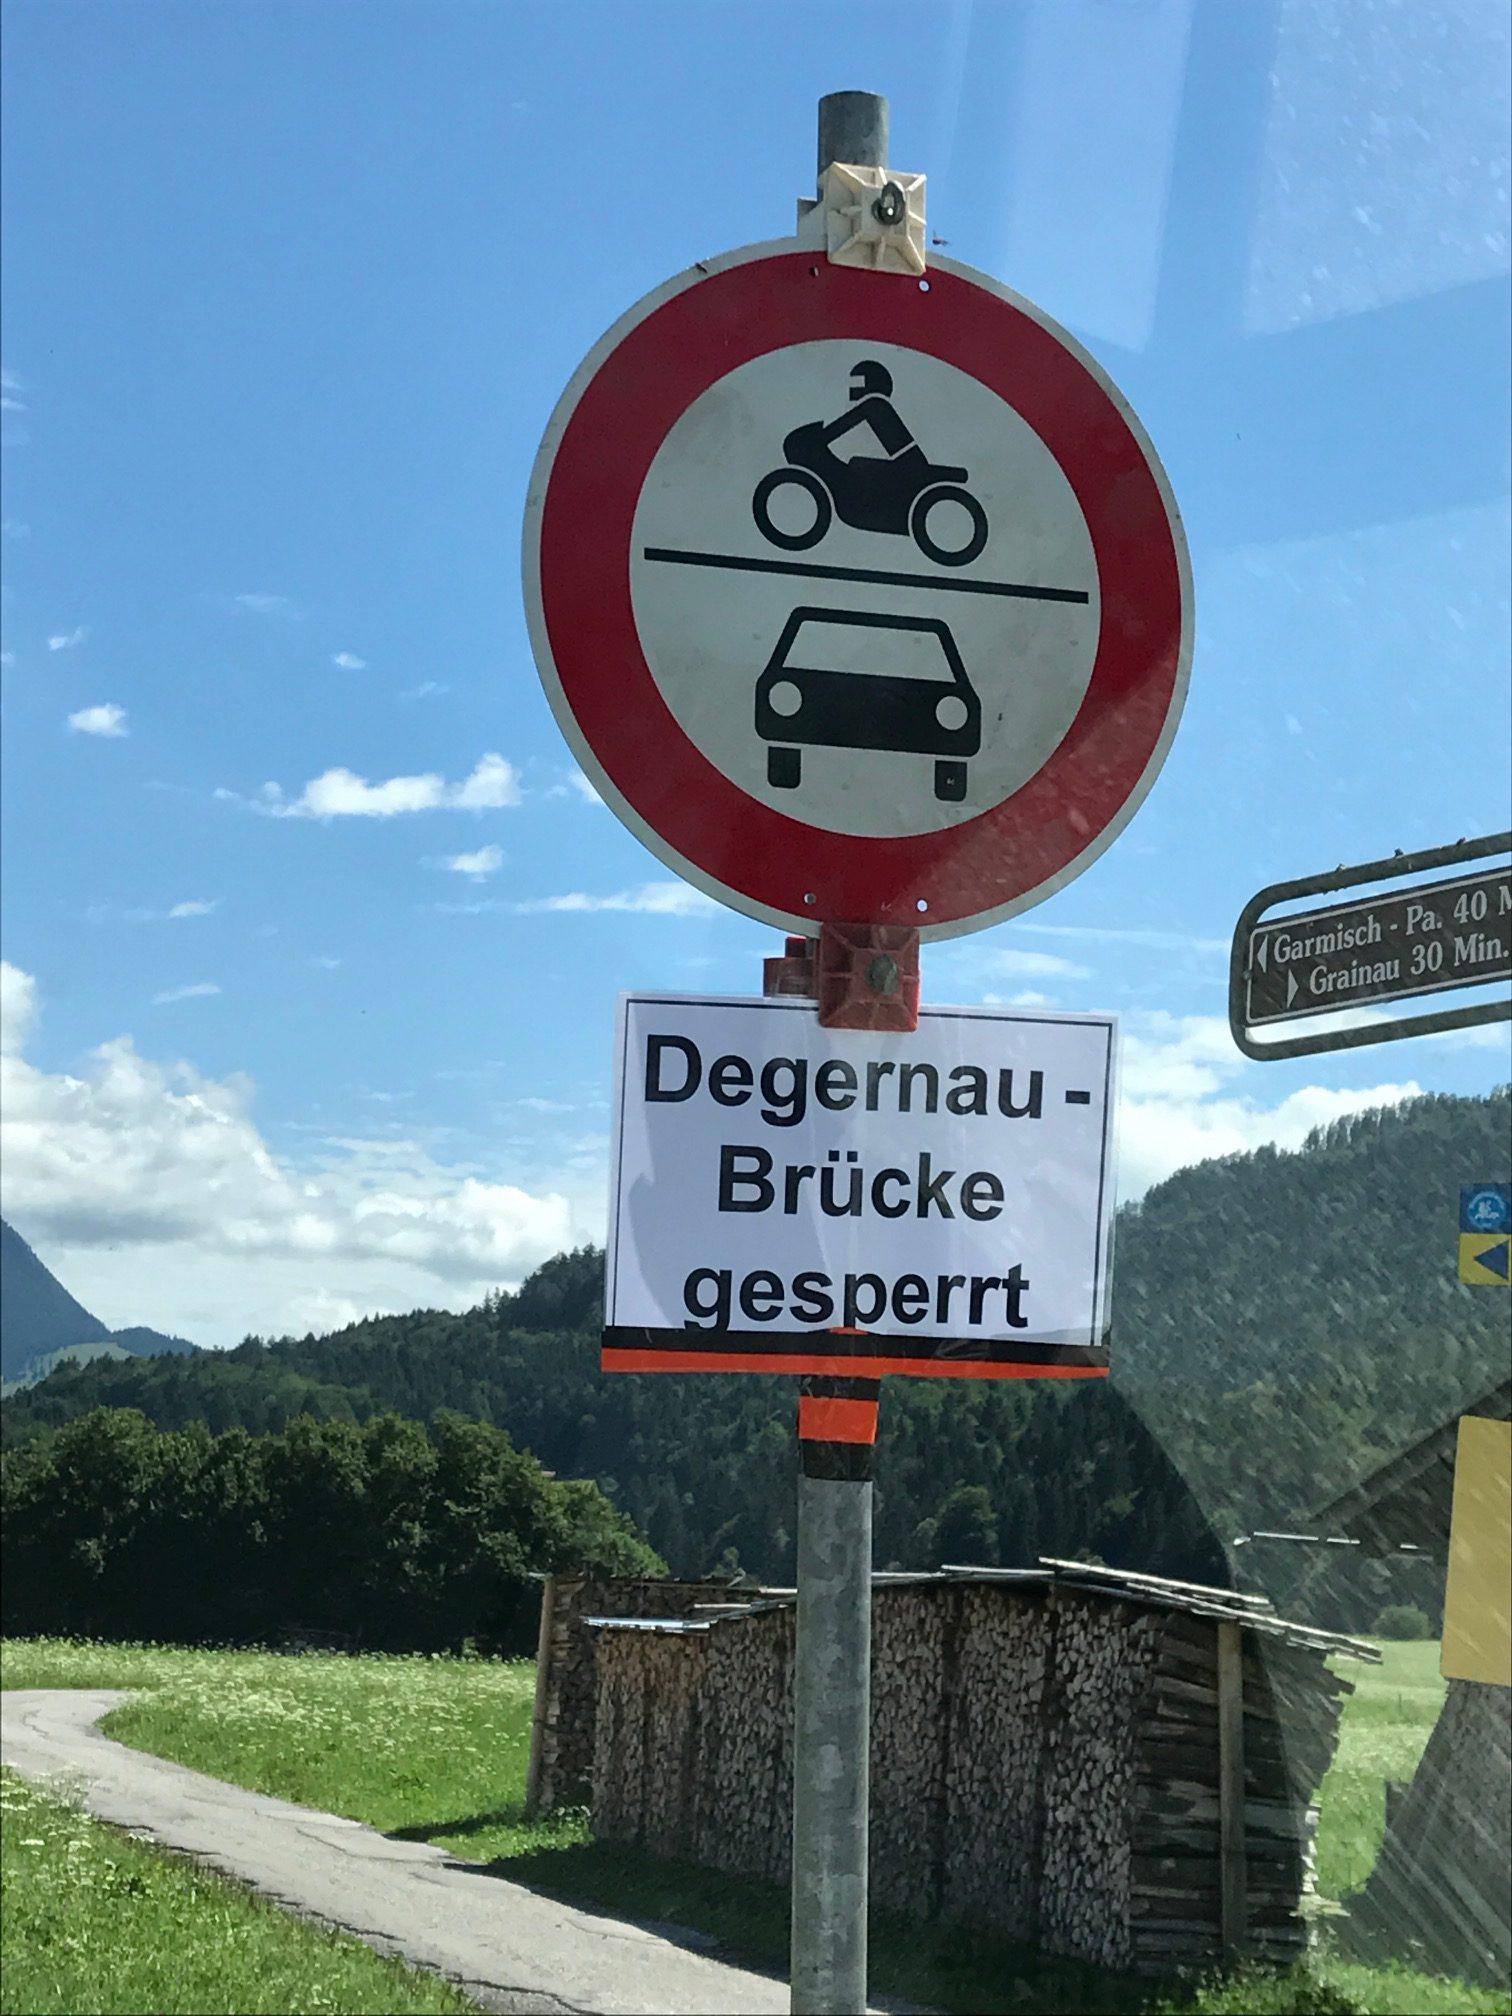 Degernaubrücke gesperrt